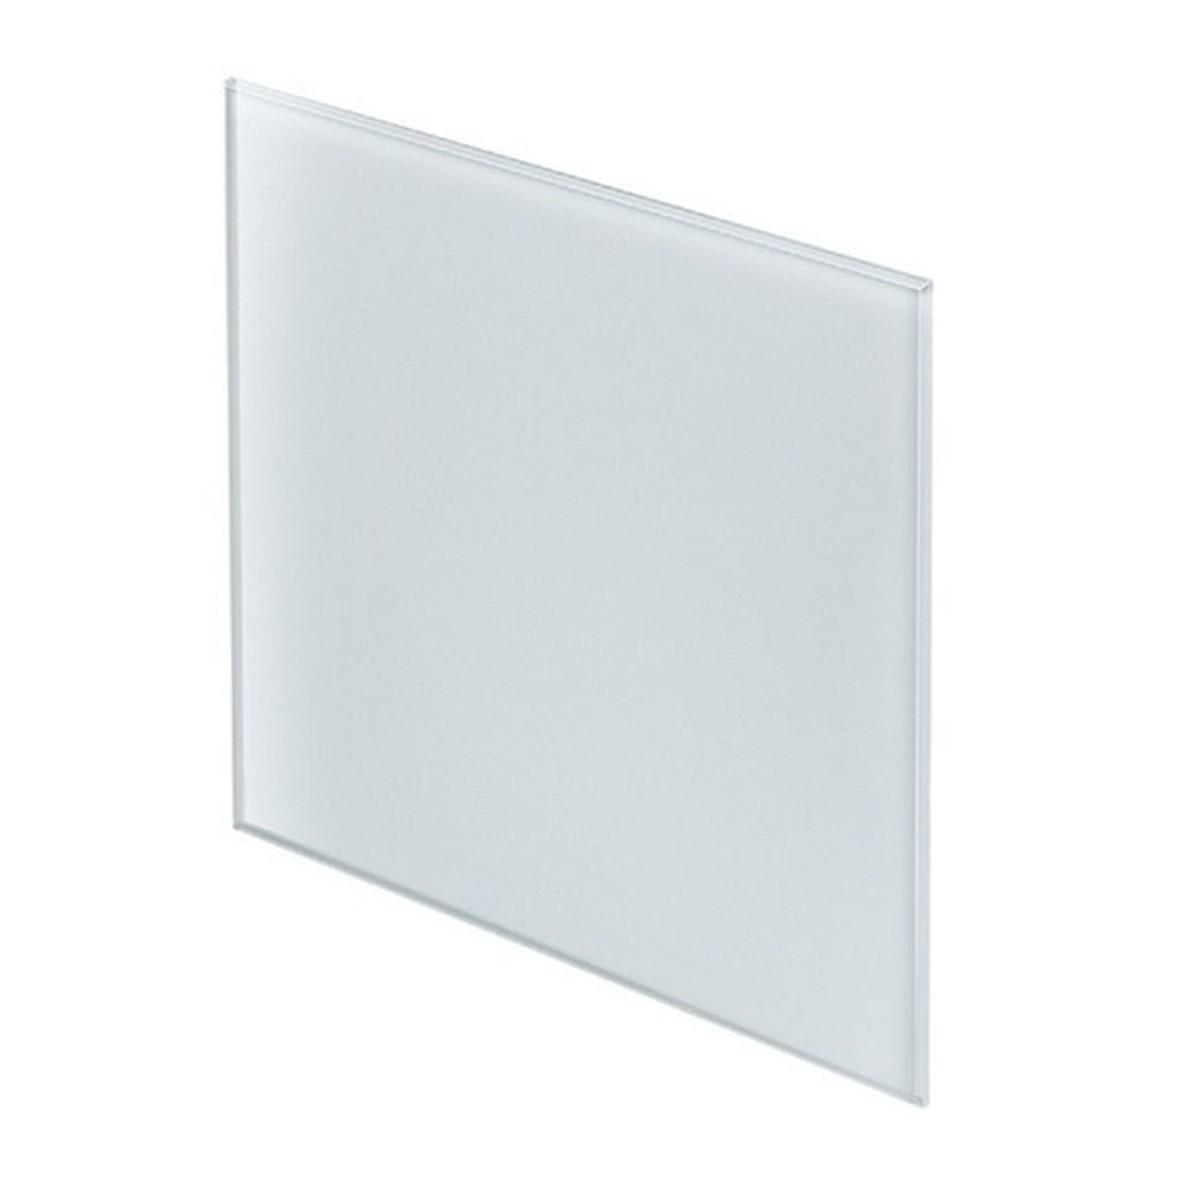 Панель декоративная AWENTA PTG100 д/вент. KW стекло матовое